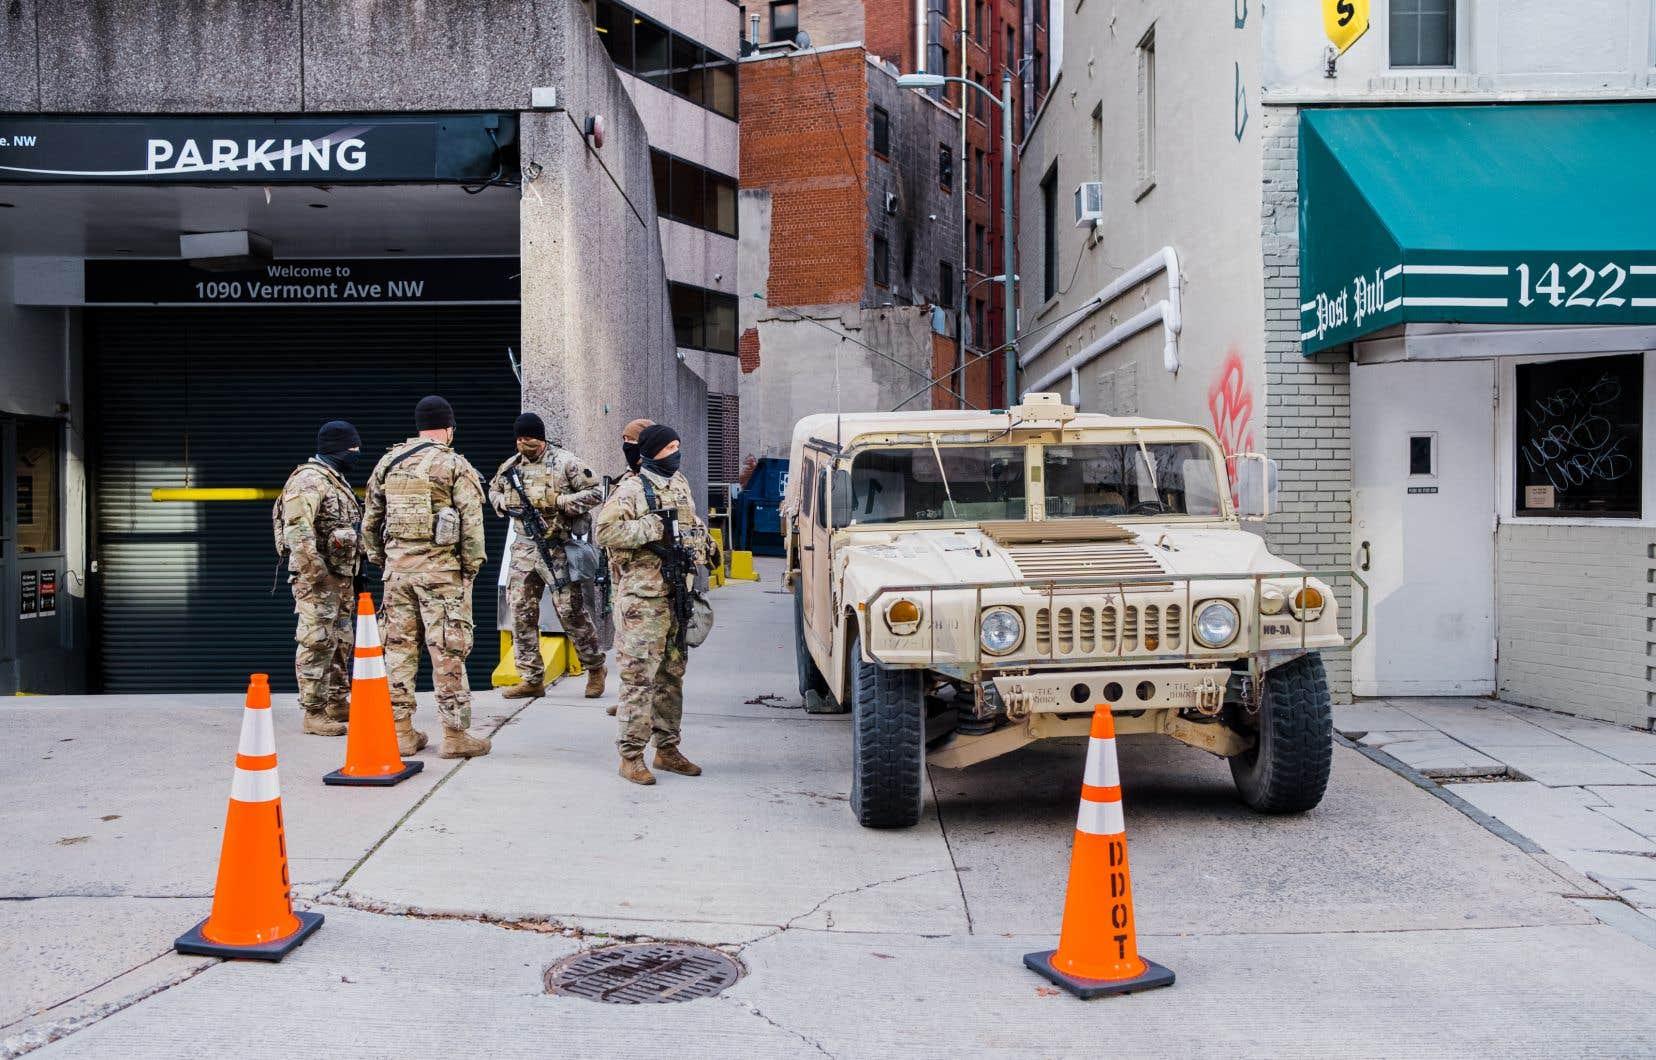 Seules les personnes dûment accréditées seront autorisées à pénétrer dans la zone où patrouillent des milliers de militaires.